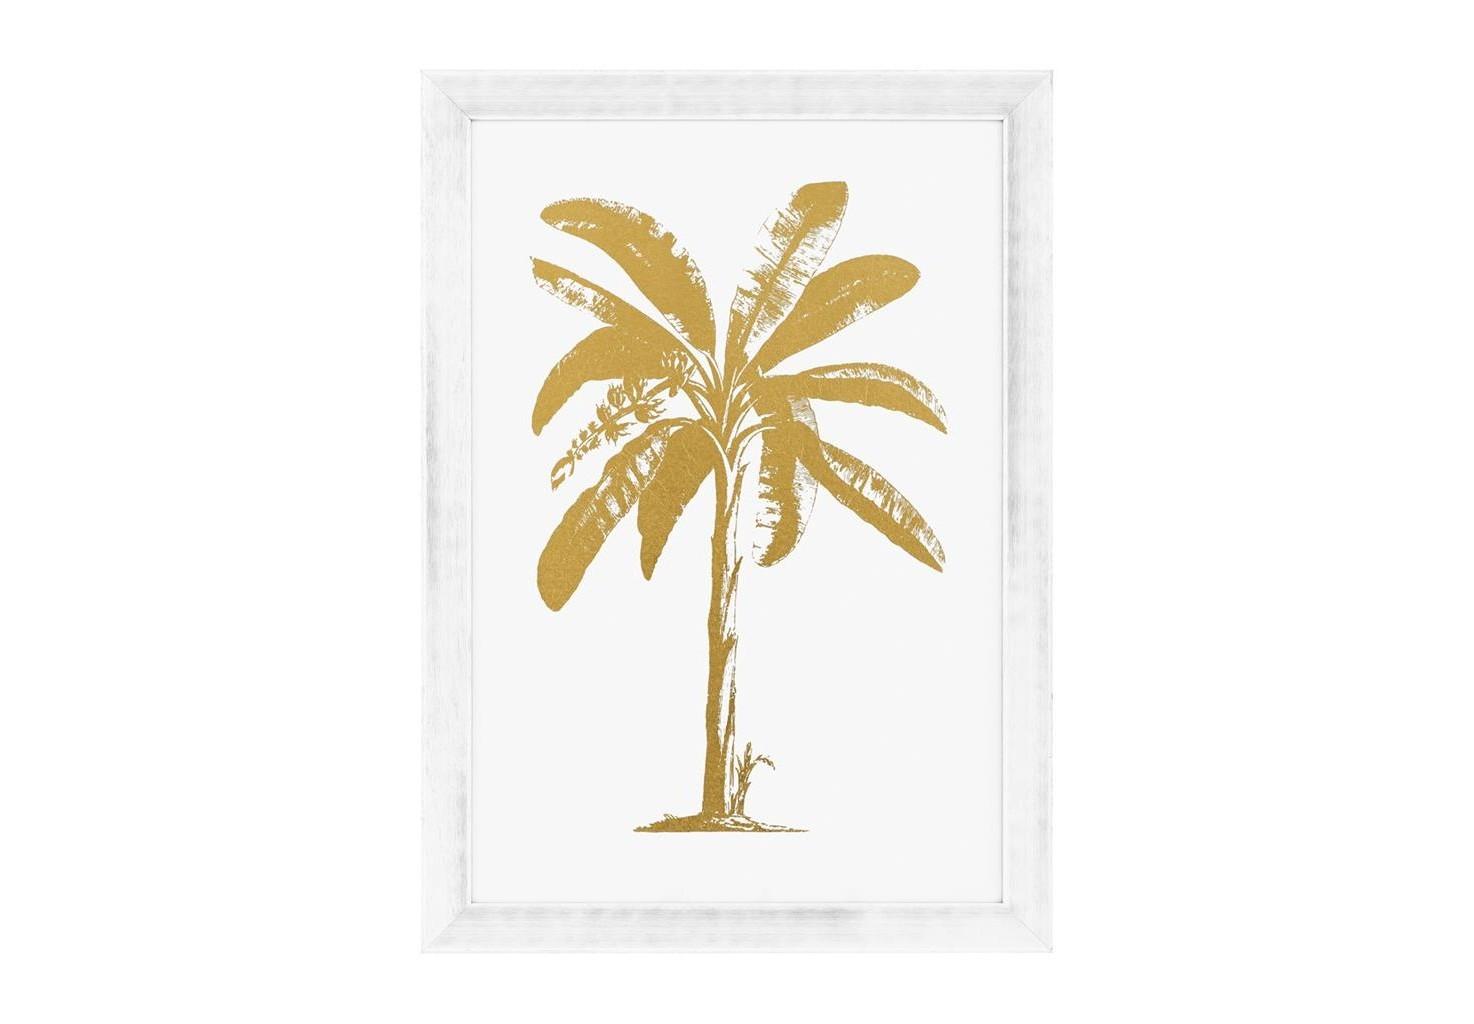 КартинаКартины<br>Постер под стеклом Prints Gold Foil: Tropical Palm с изображением пальмы. Рама выполнена из дерева белого цвета.<br><br>Material: Дерево<br>Ширина см: 87<br>Высота см: 122